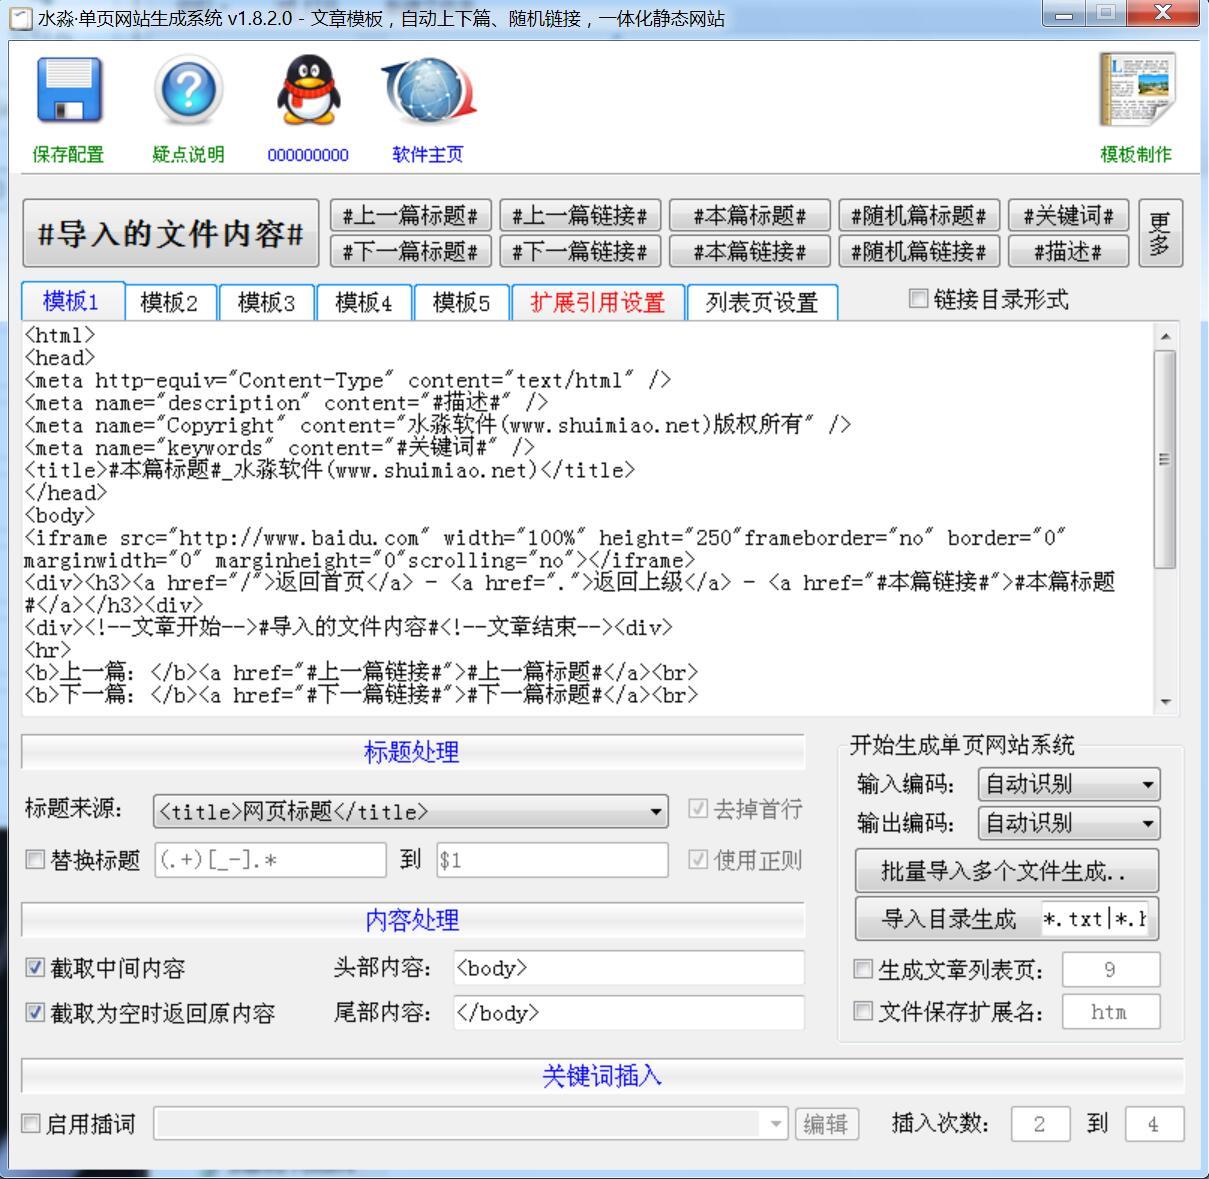 水淼・单页网站生成系统 v1.8.2.0 - 导入多篇文章使用模板生成彼此关联的单页型网站